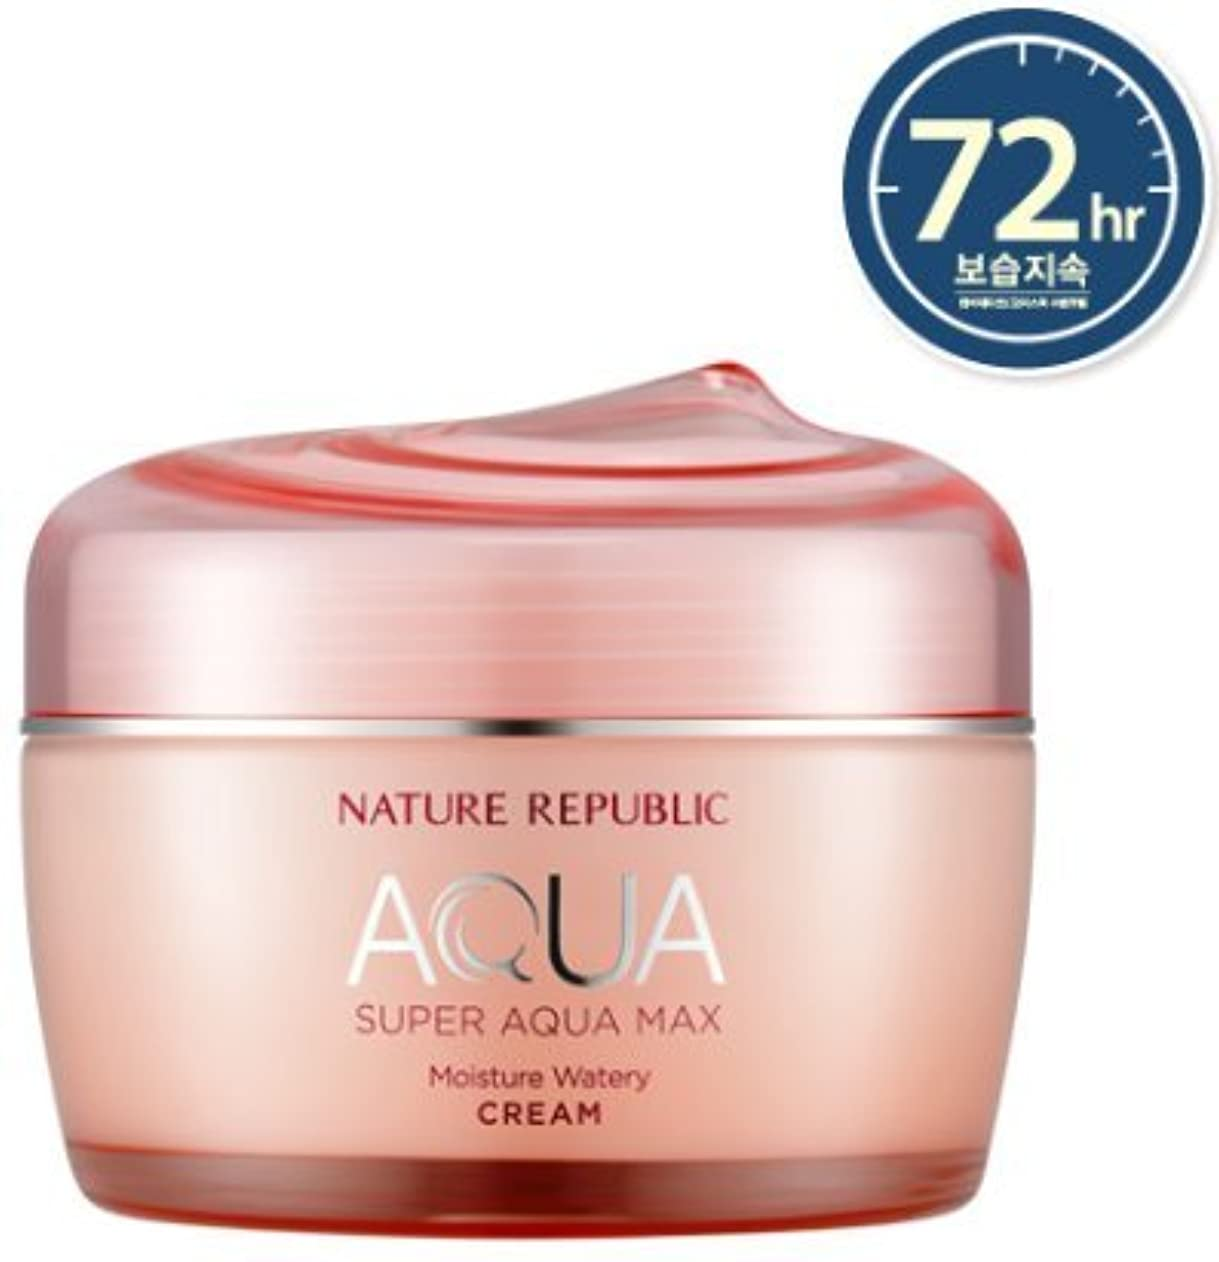 結婚したブルーベル研究所[NATURE REPUBLIC] スーパーアクアマックスモイスチャー水分クリーム / Super Aqua Max Moisture Watery Cream 80ml (乾燥肌用) [並行輸入品]